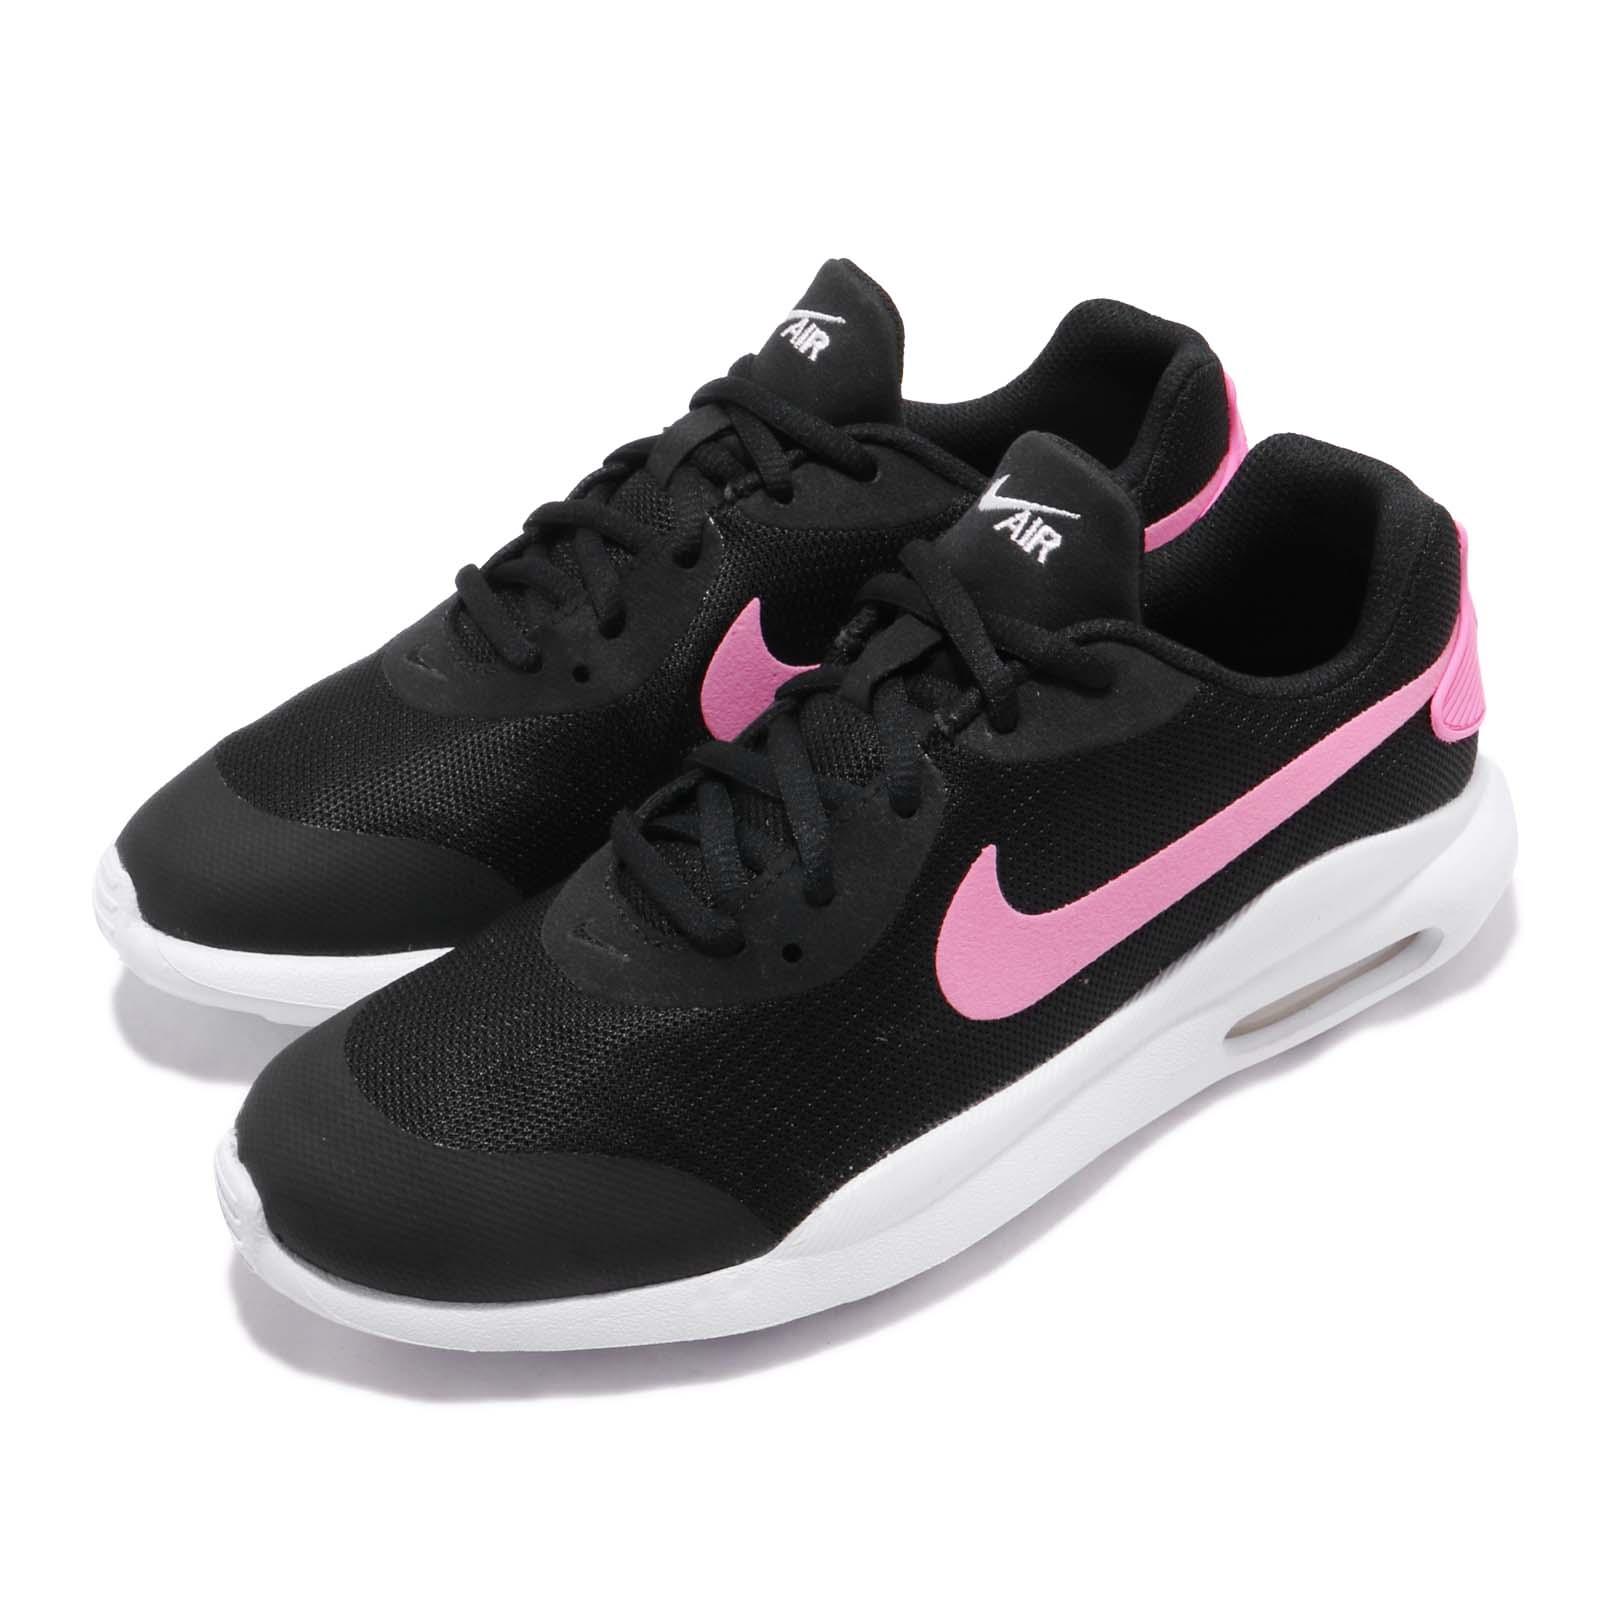 Nike Air Max Oketo GS 女鞋 AR7423-001